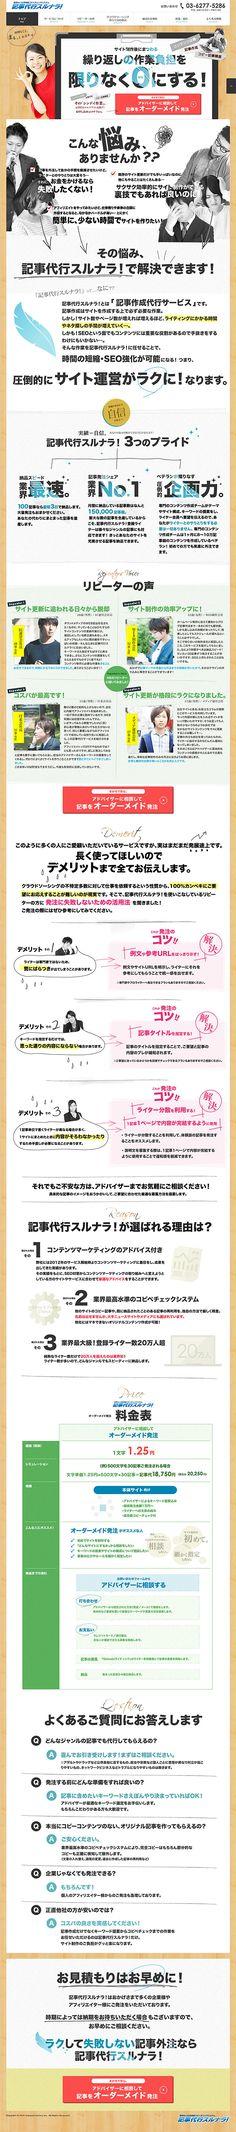 ランディングページ LP 記事代行スルナラ!|インターネットサービス|自社サイト